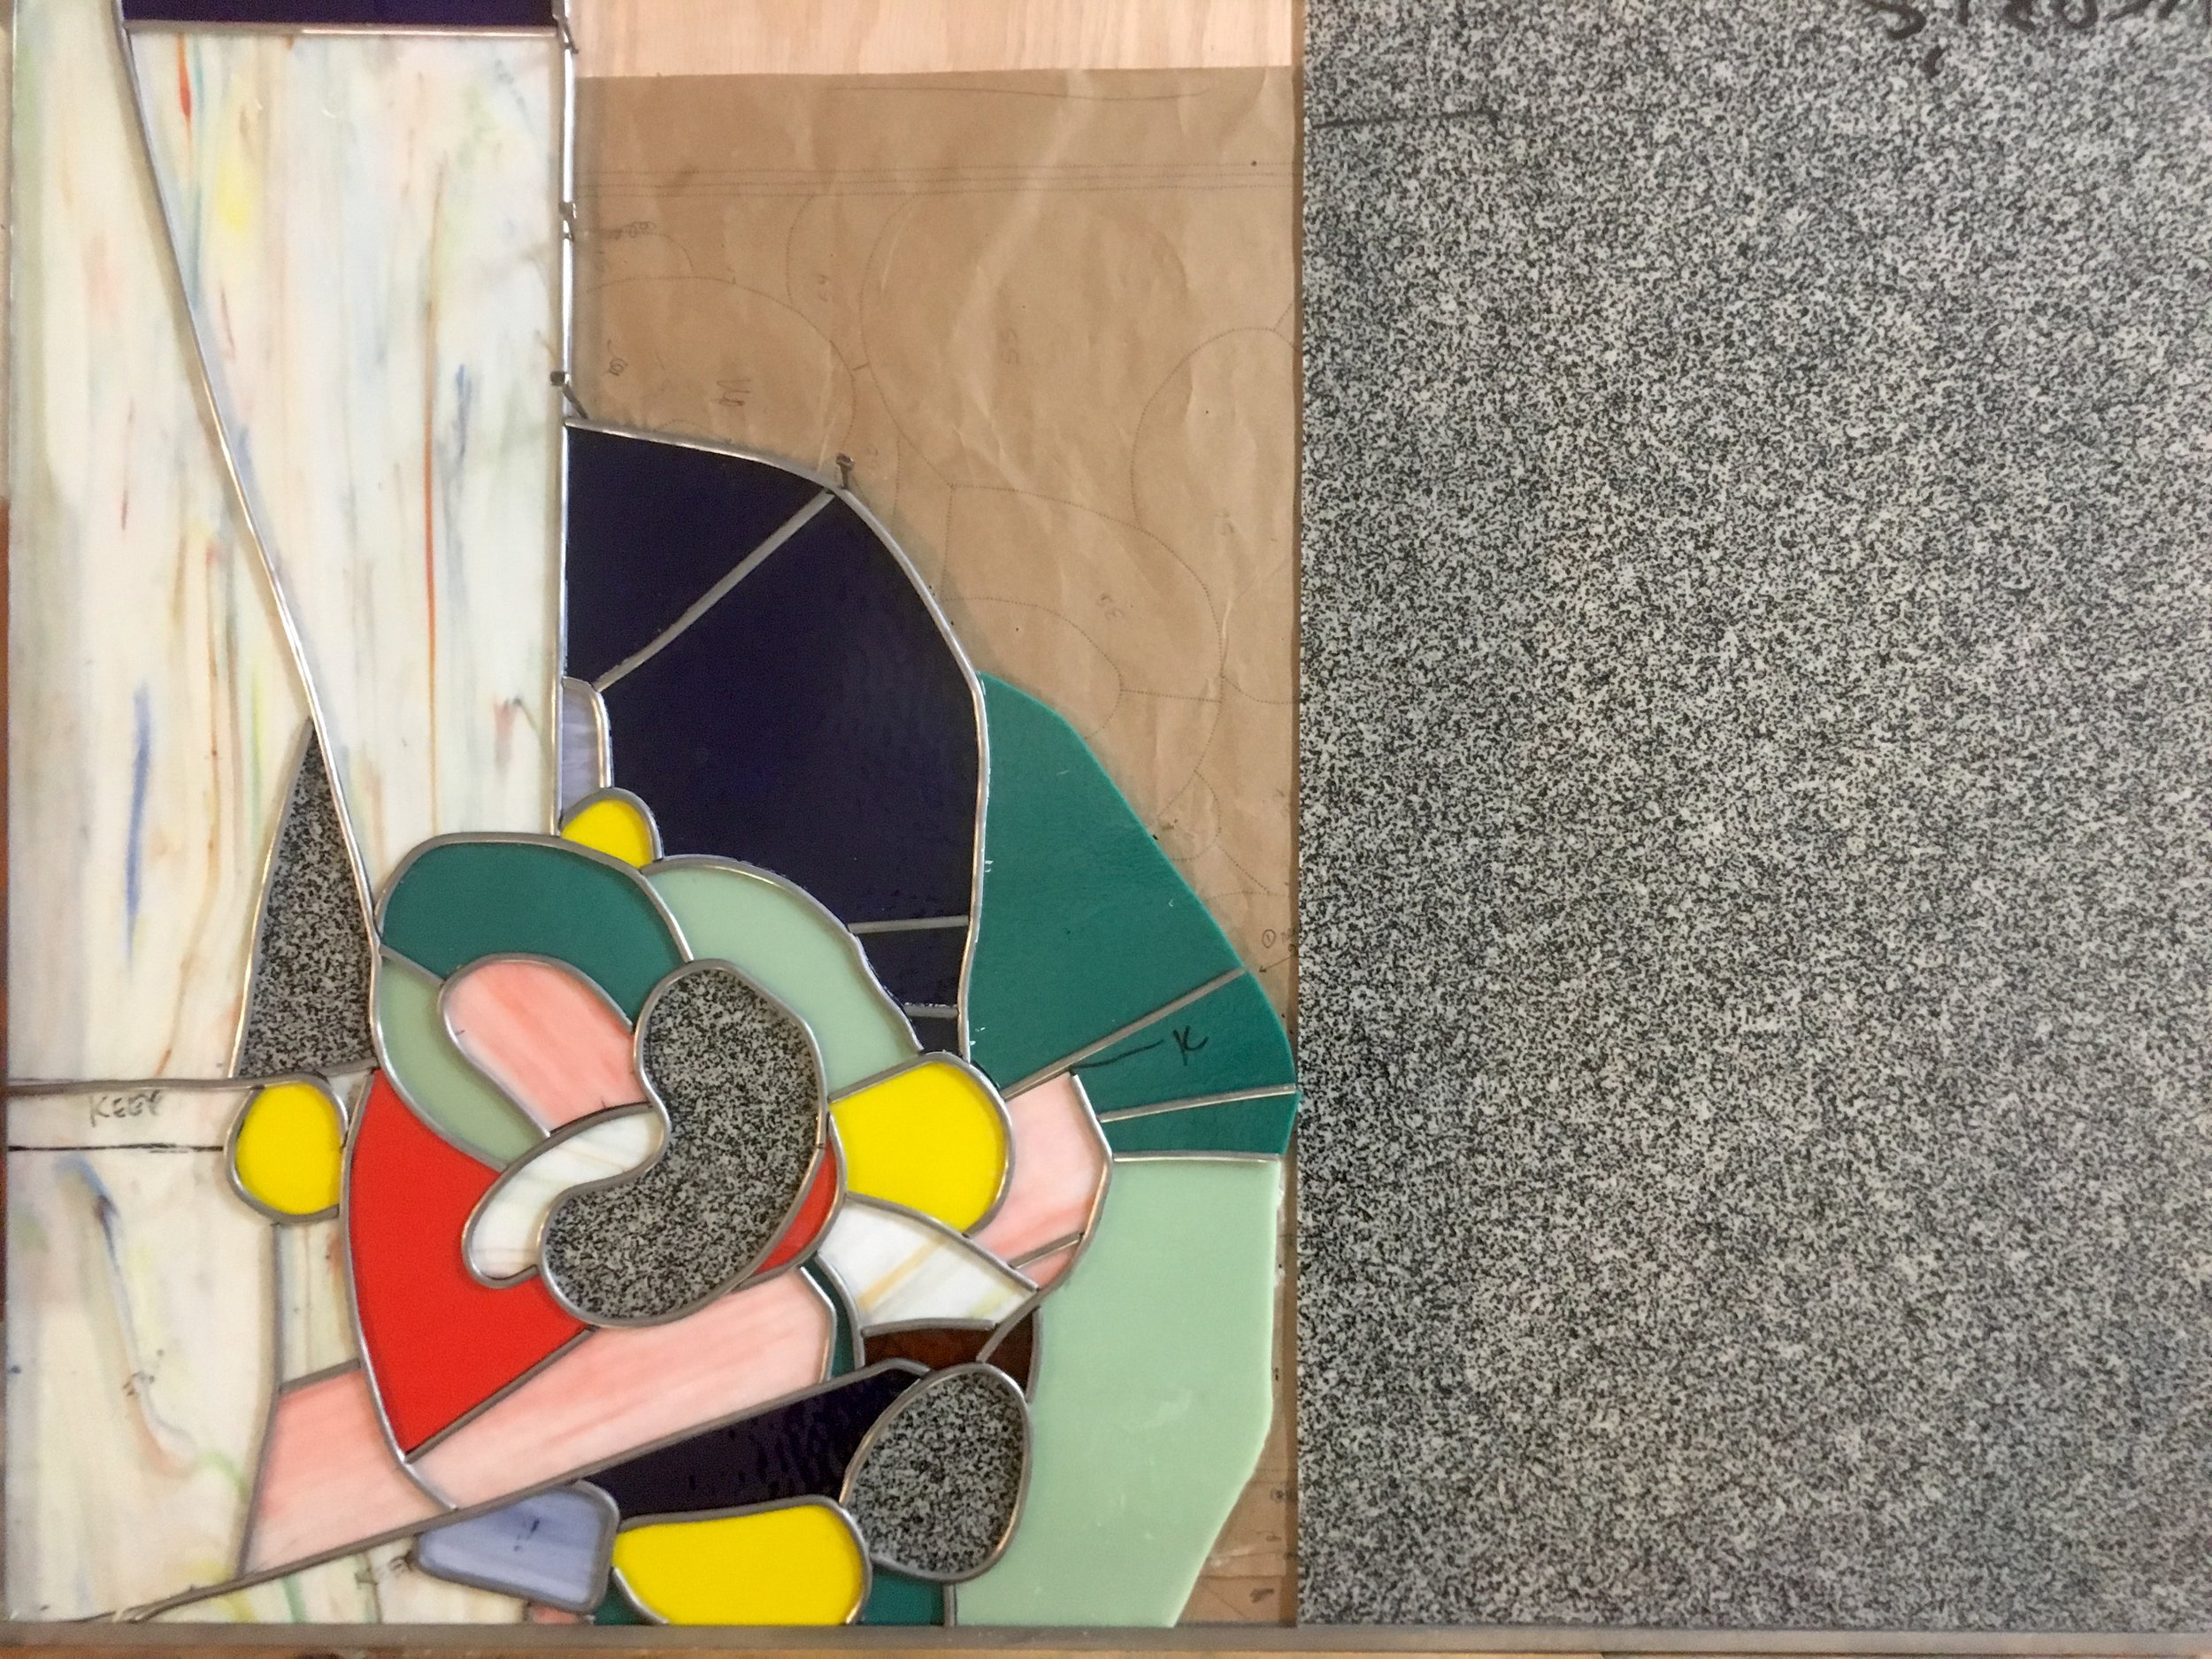 Stained-glass-kerbi-urbanowski-WIP